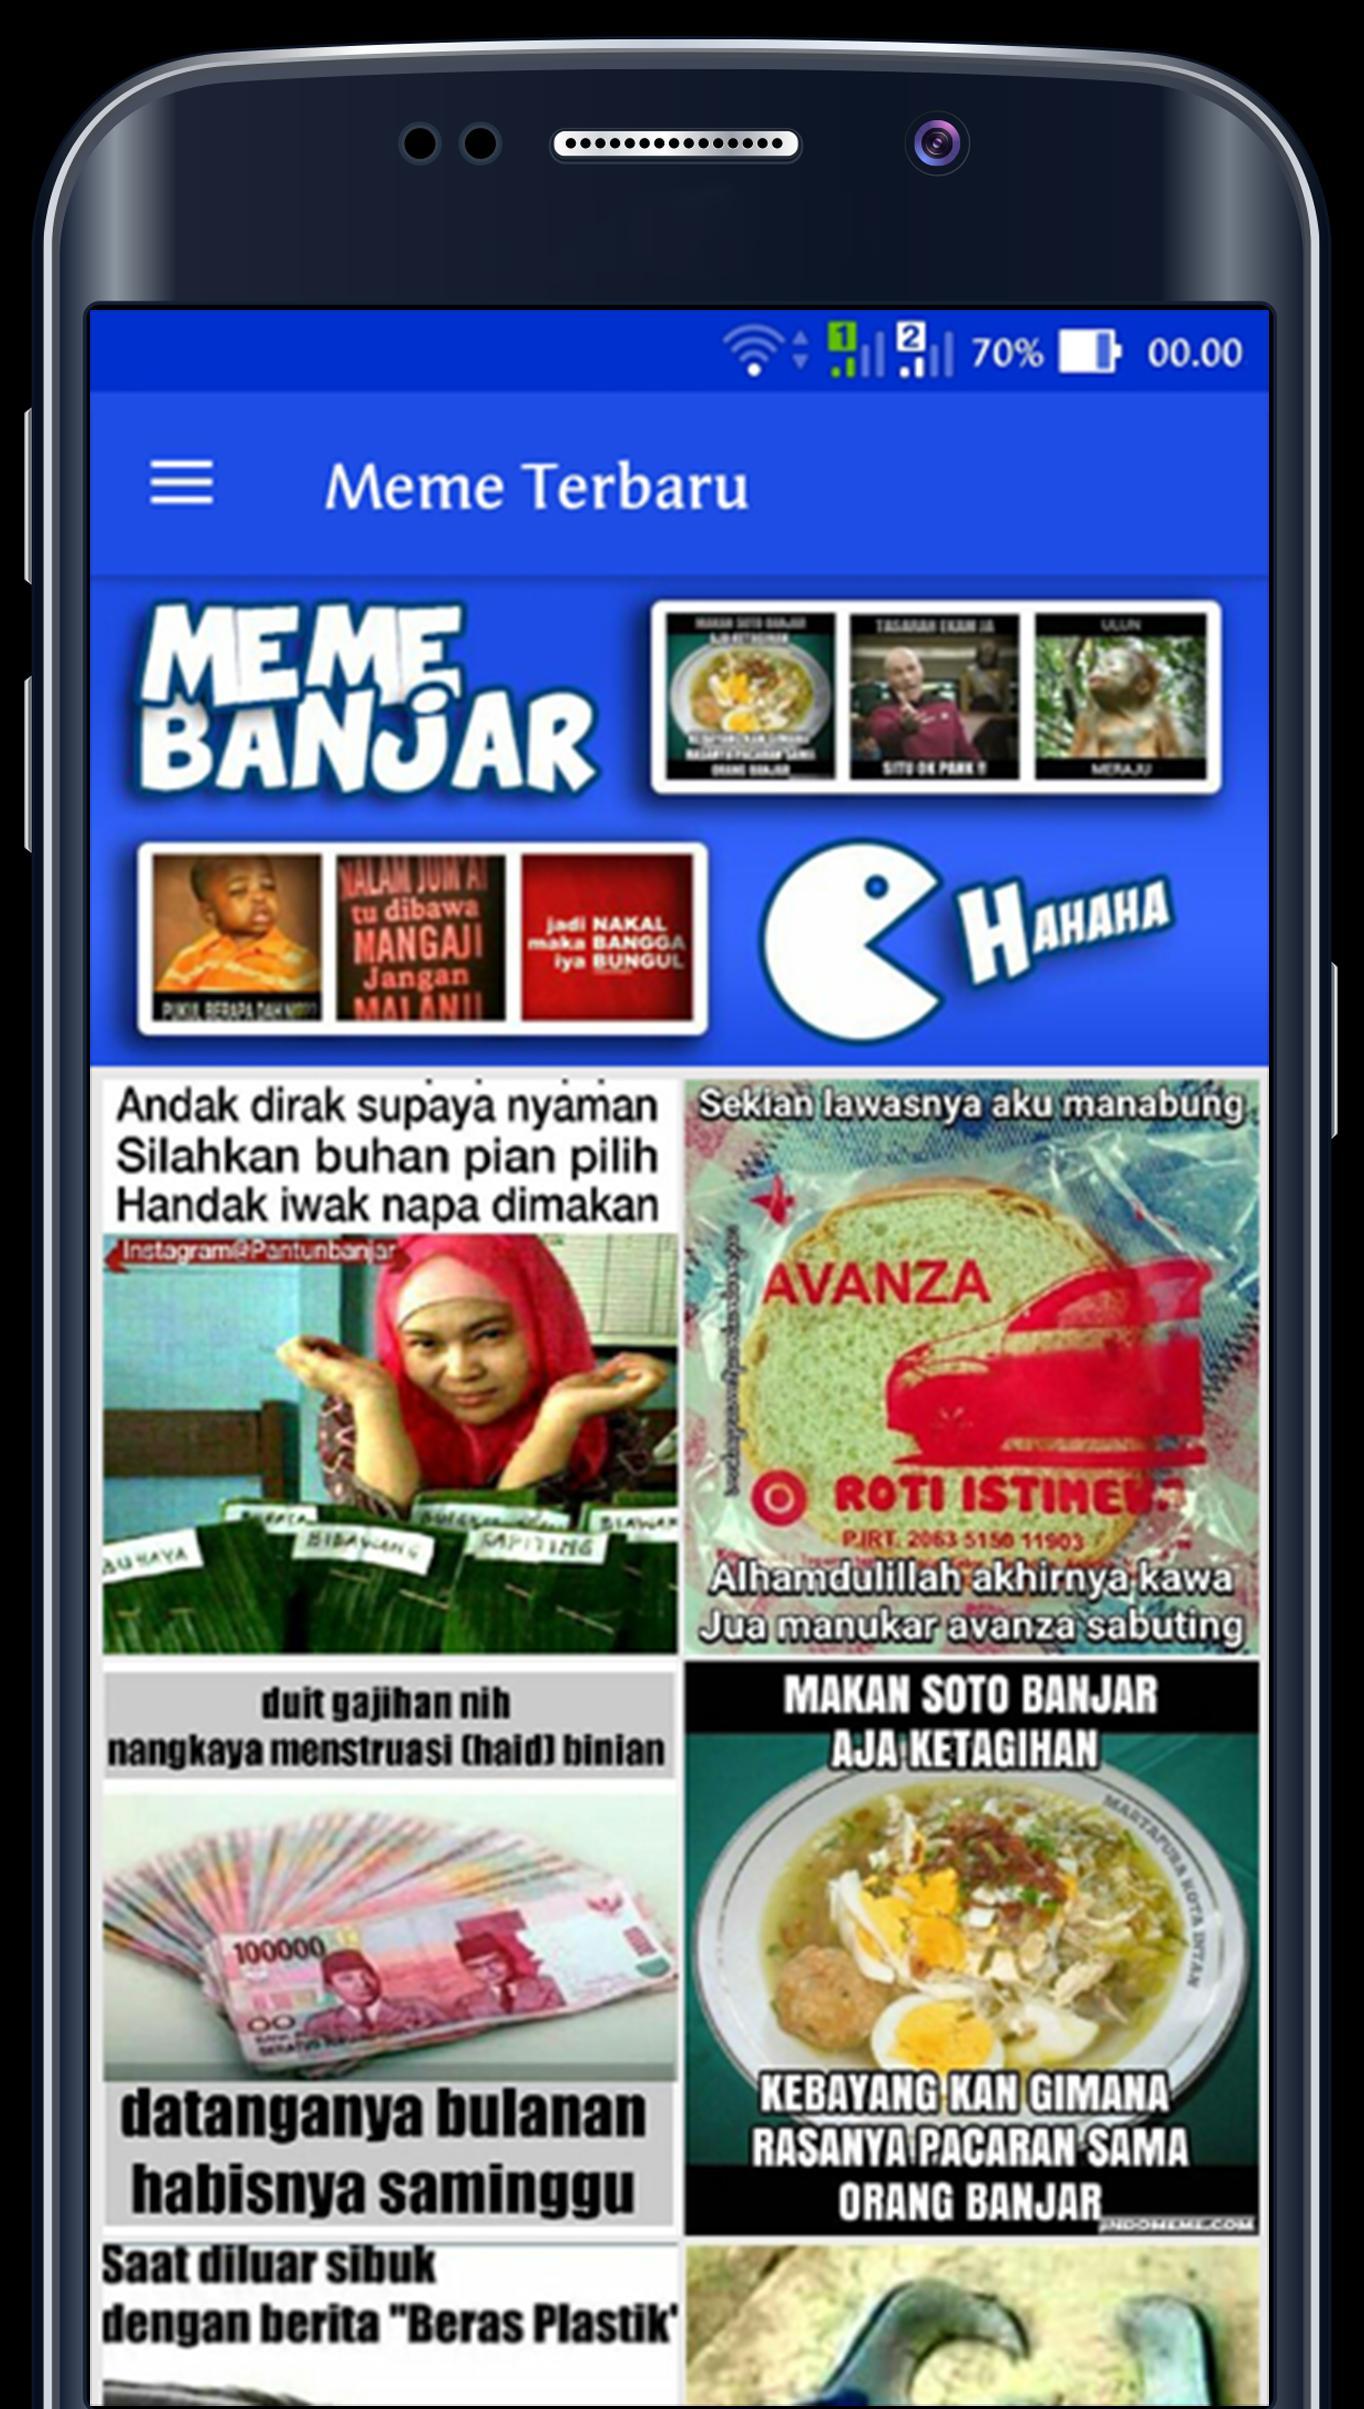 MemeBanjar Gambar Lucu Bahasa Banjar For Android APK Download